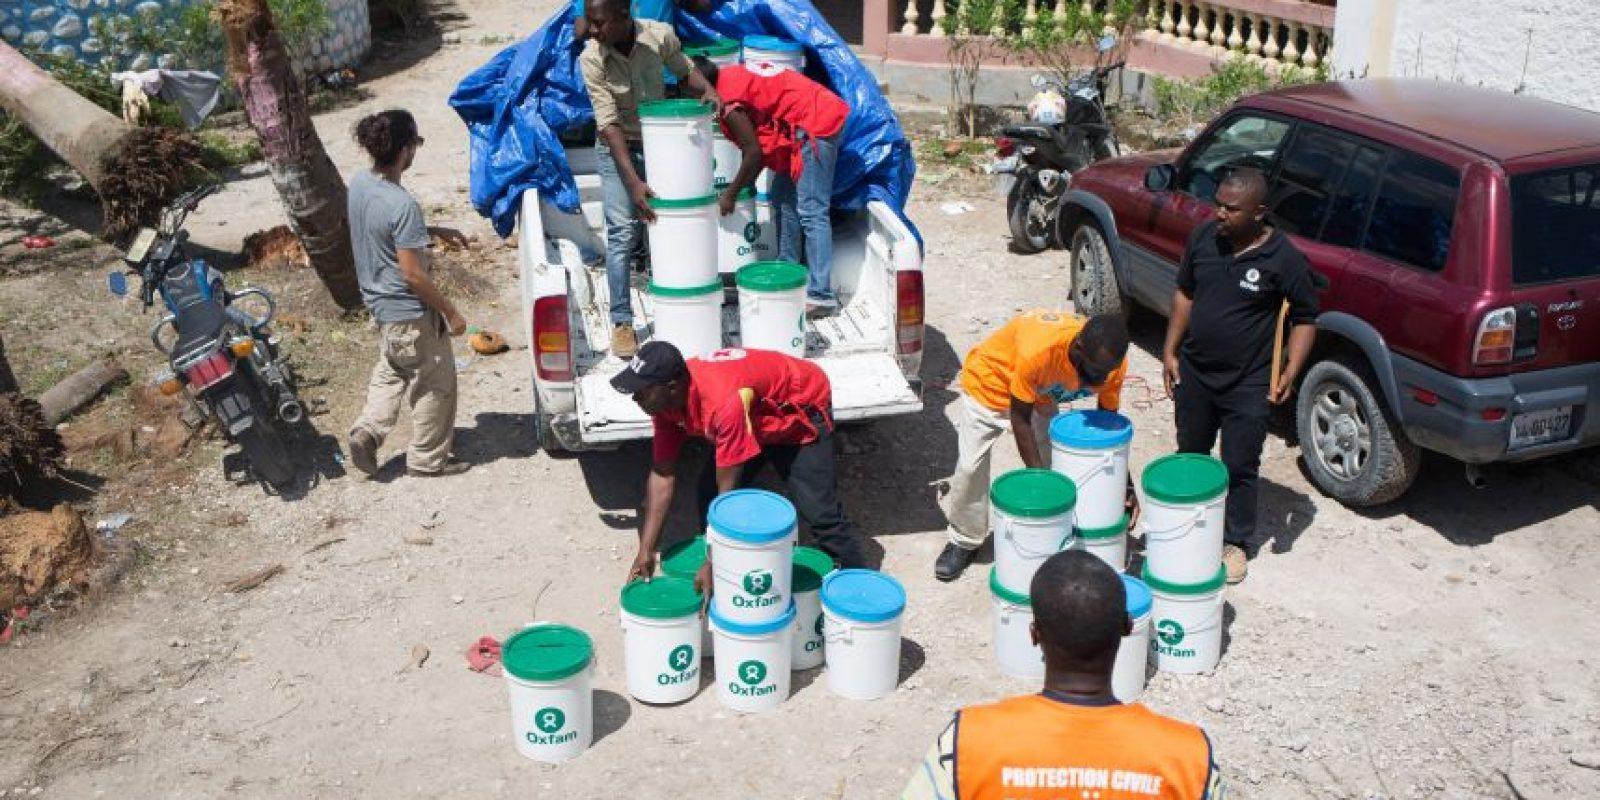 Miles de familias han perdido sus viviendas y no tienen acceso a agua potable ni a sistemas de saneamiento. Foto:EFE